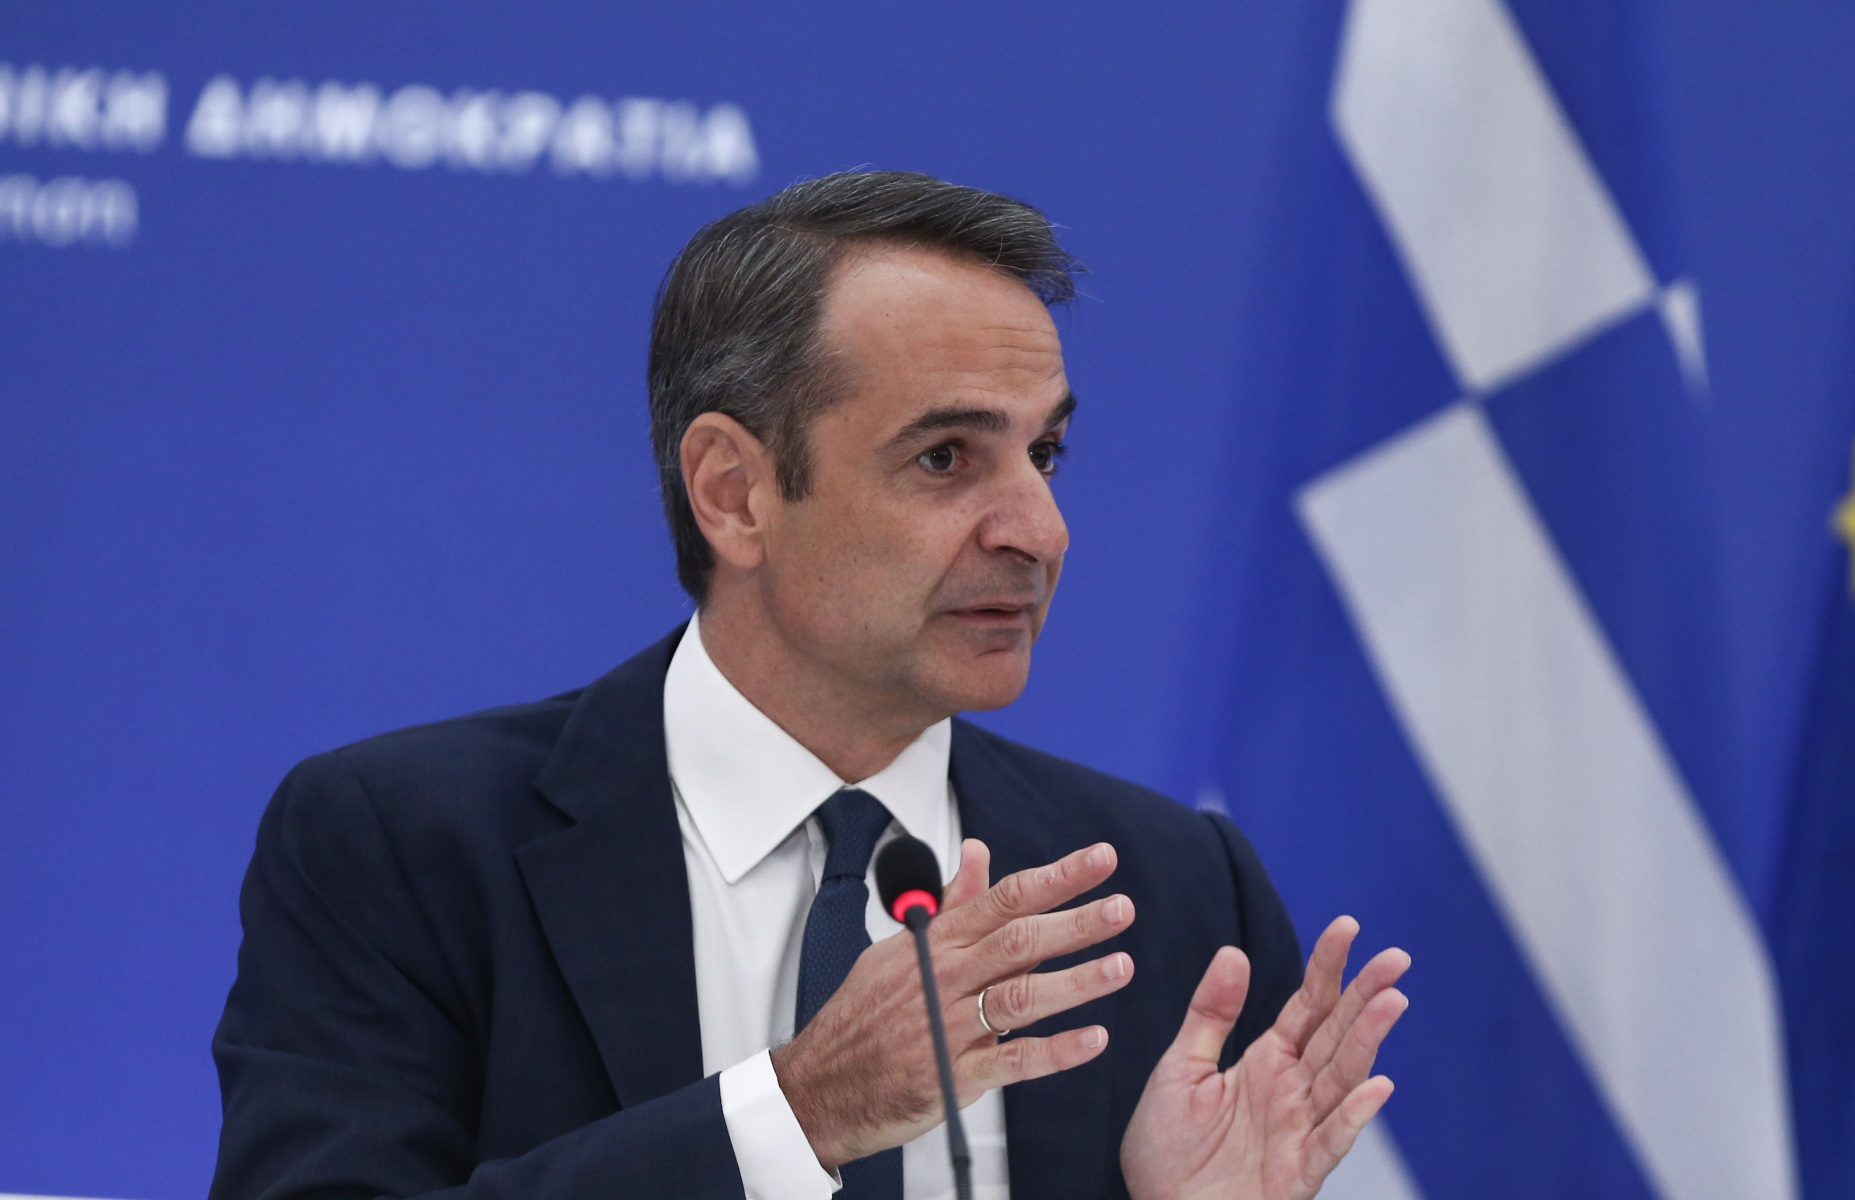 «Ο ανασχηματισμός είναι ένα θέμα που αφορά μόνο τον πρωθυπουργό»